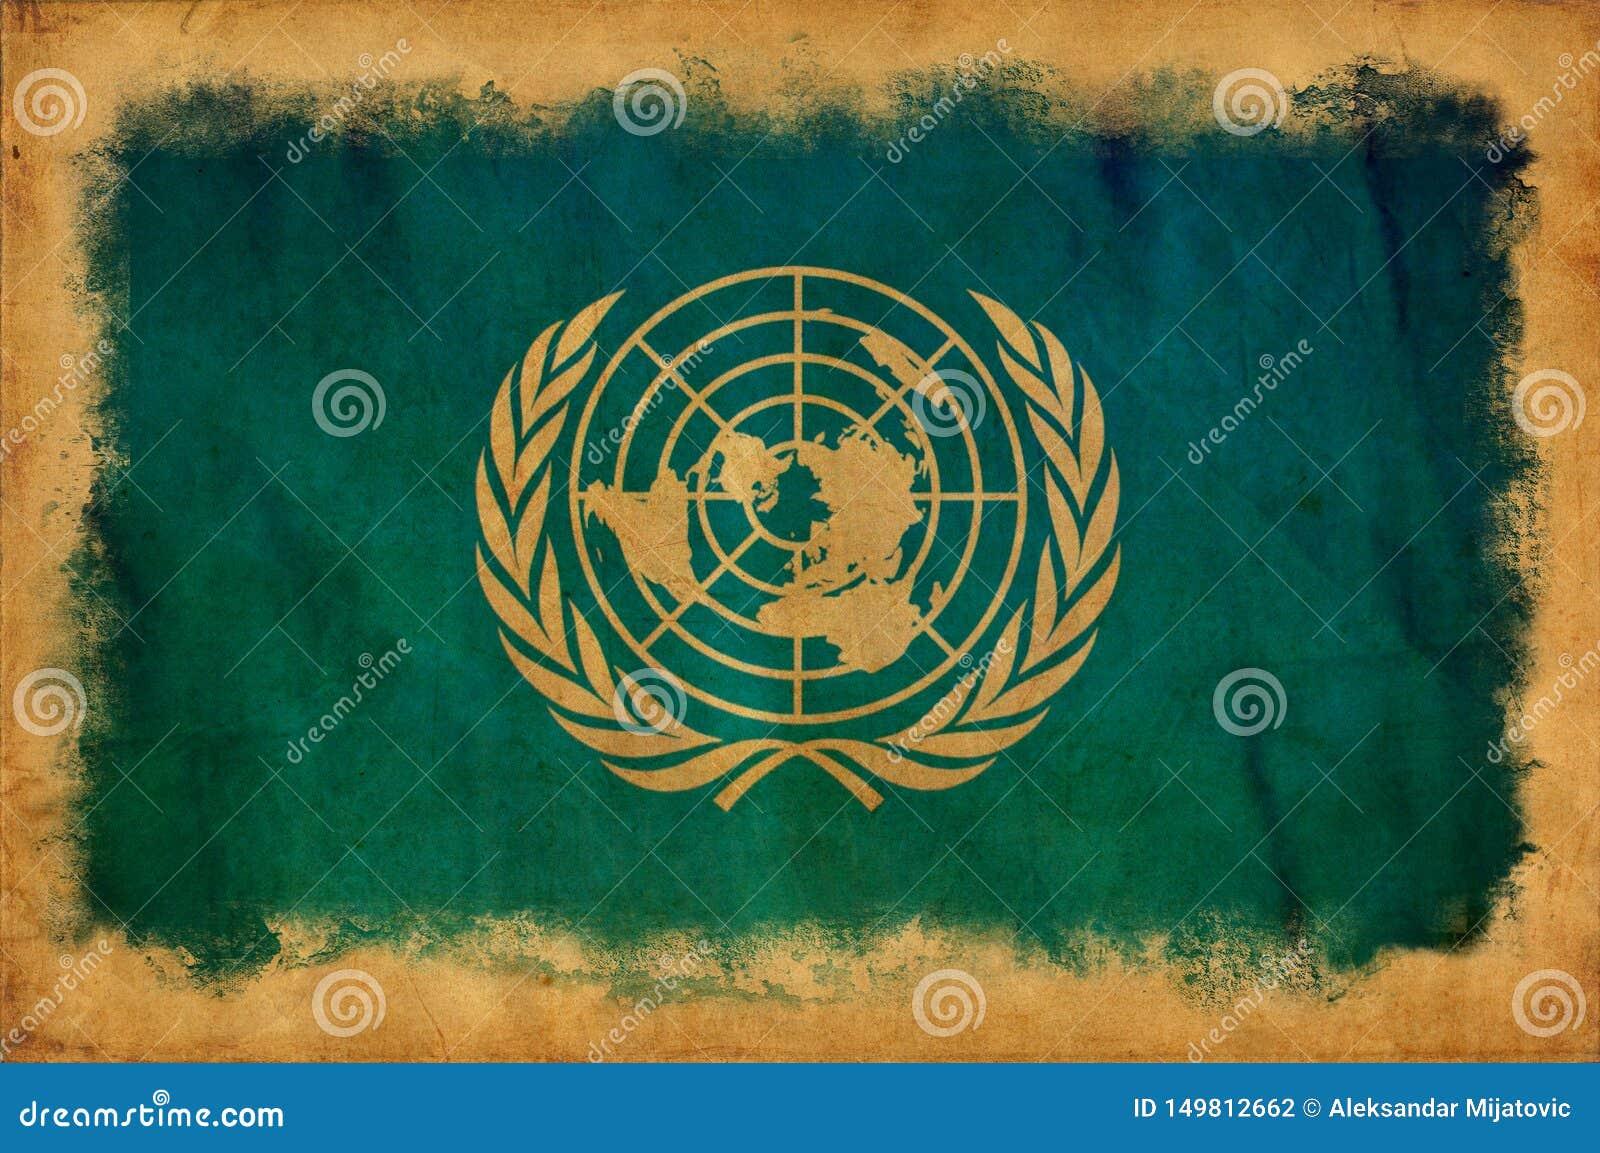 Drapeau grunge des Nations Unies